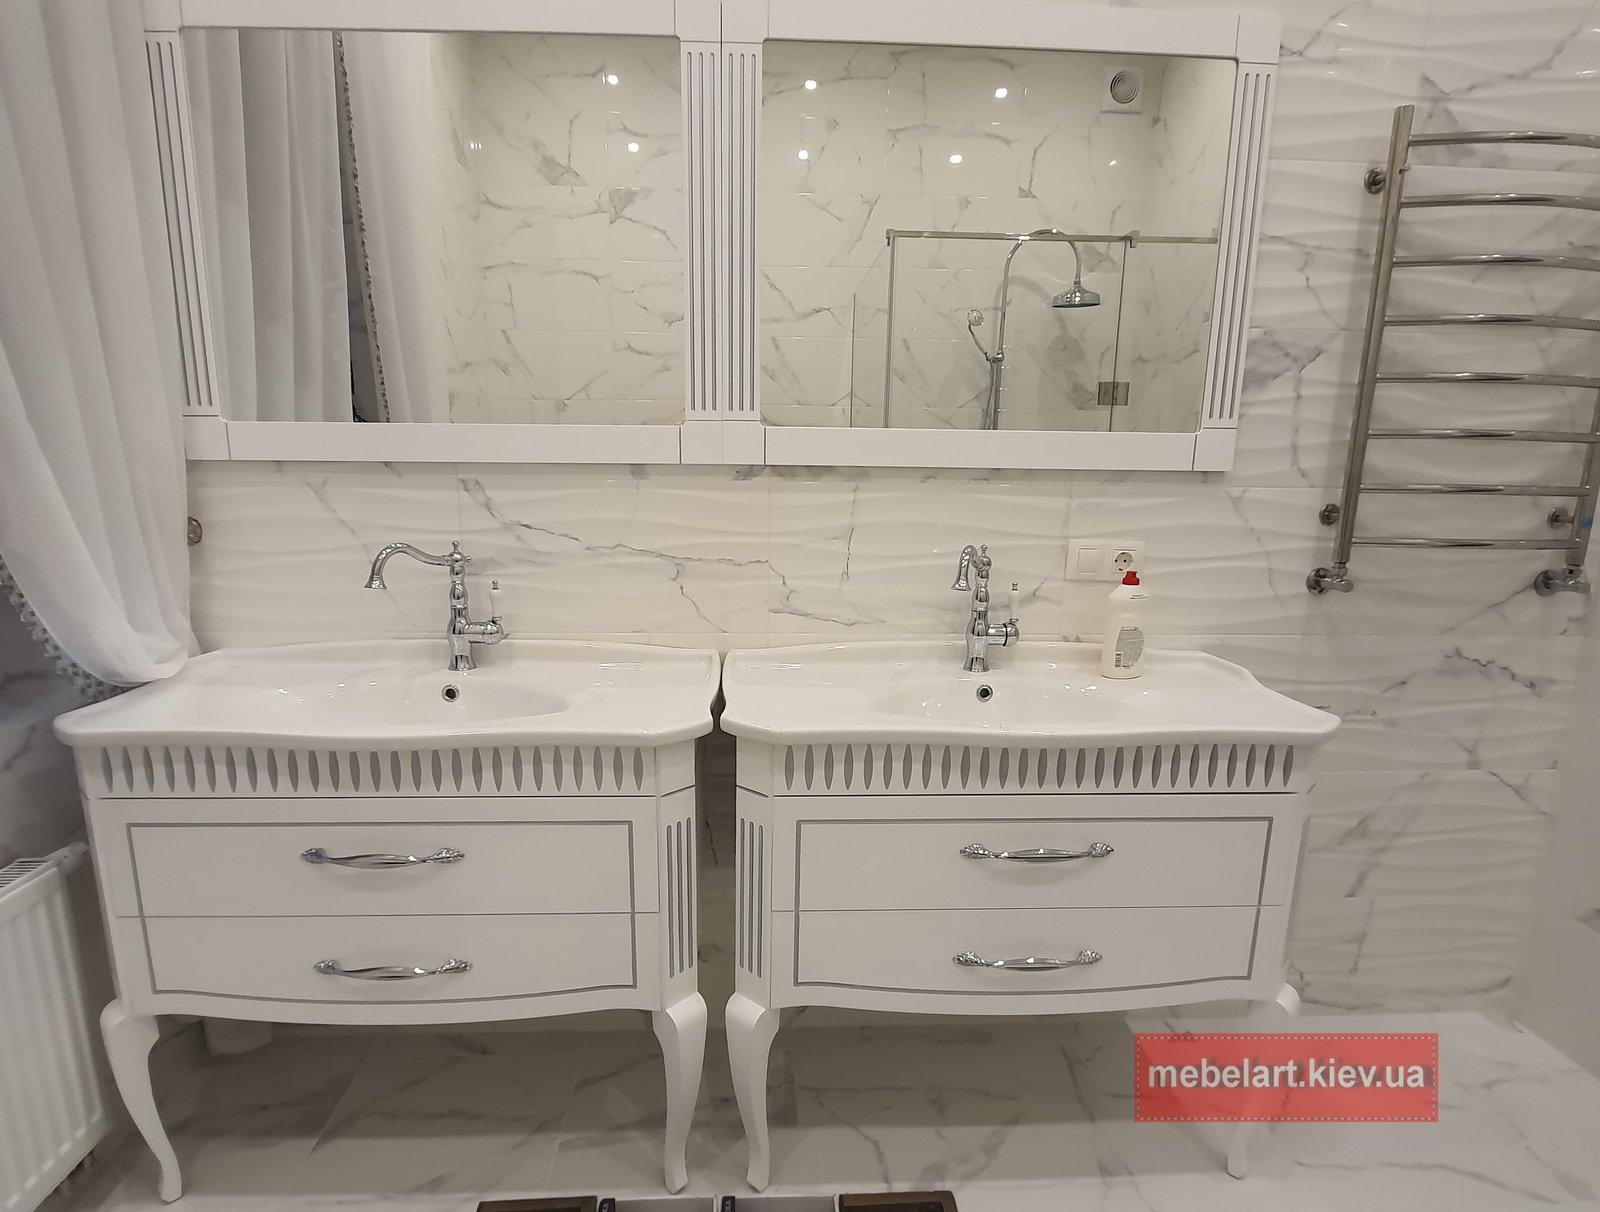 мебель влагостойкая в ванную